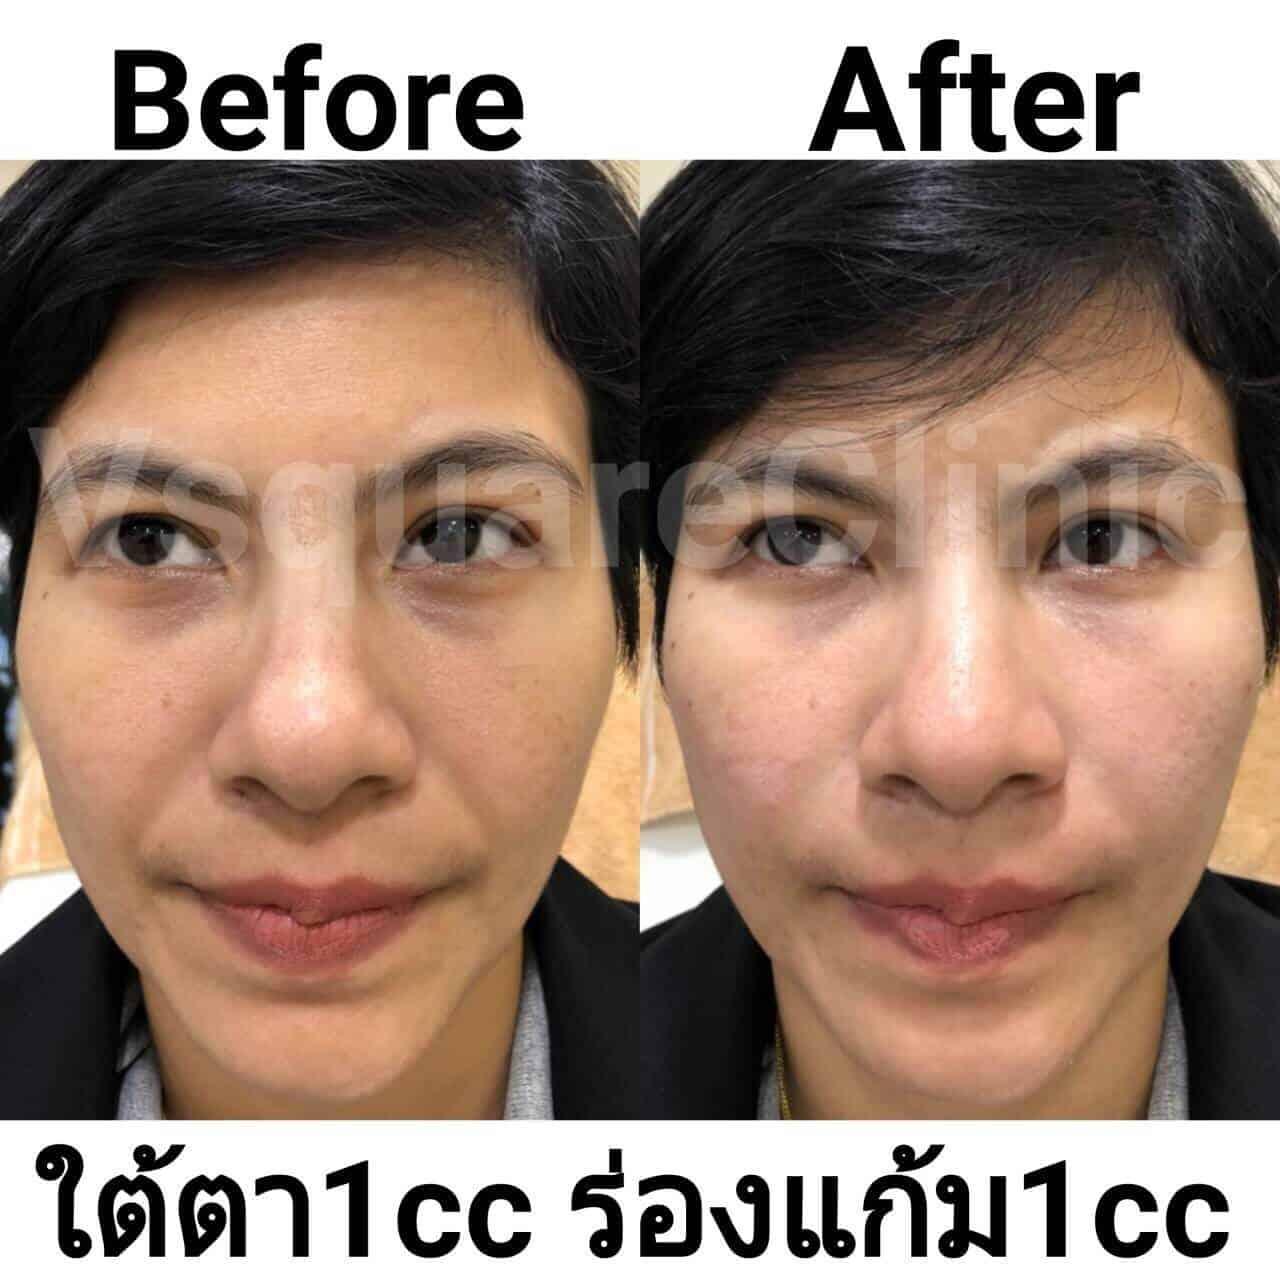 ตัวอย่างรีวิว ผลการรักษาด้วยฟิลเลอร์ ใต้ตา+ร่องแก้ม 1 cc